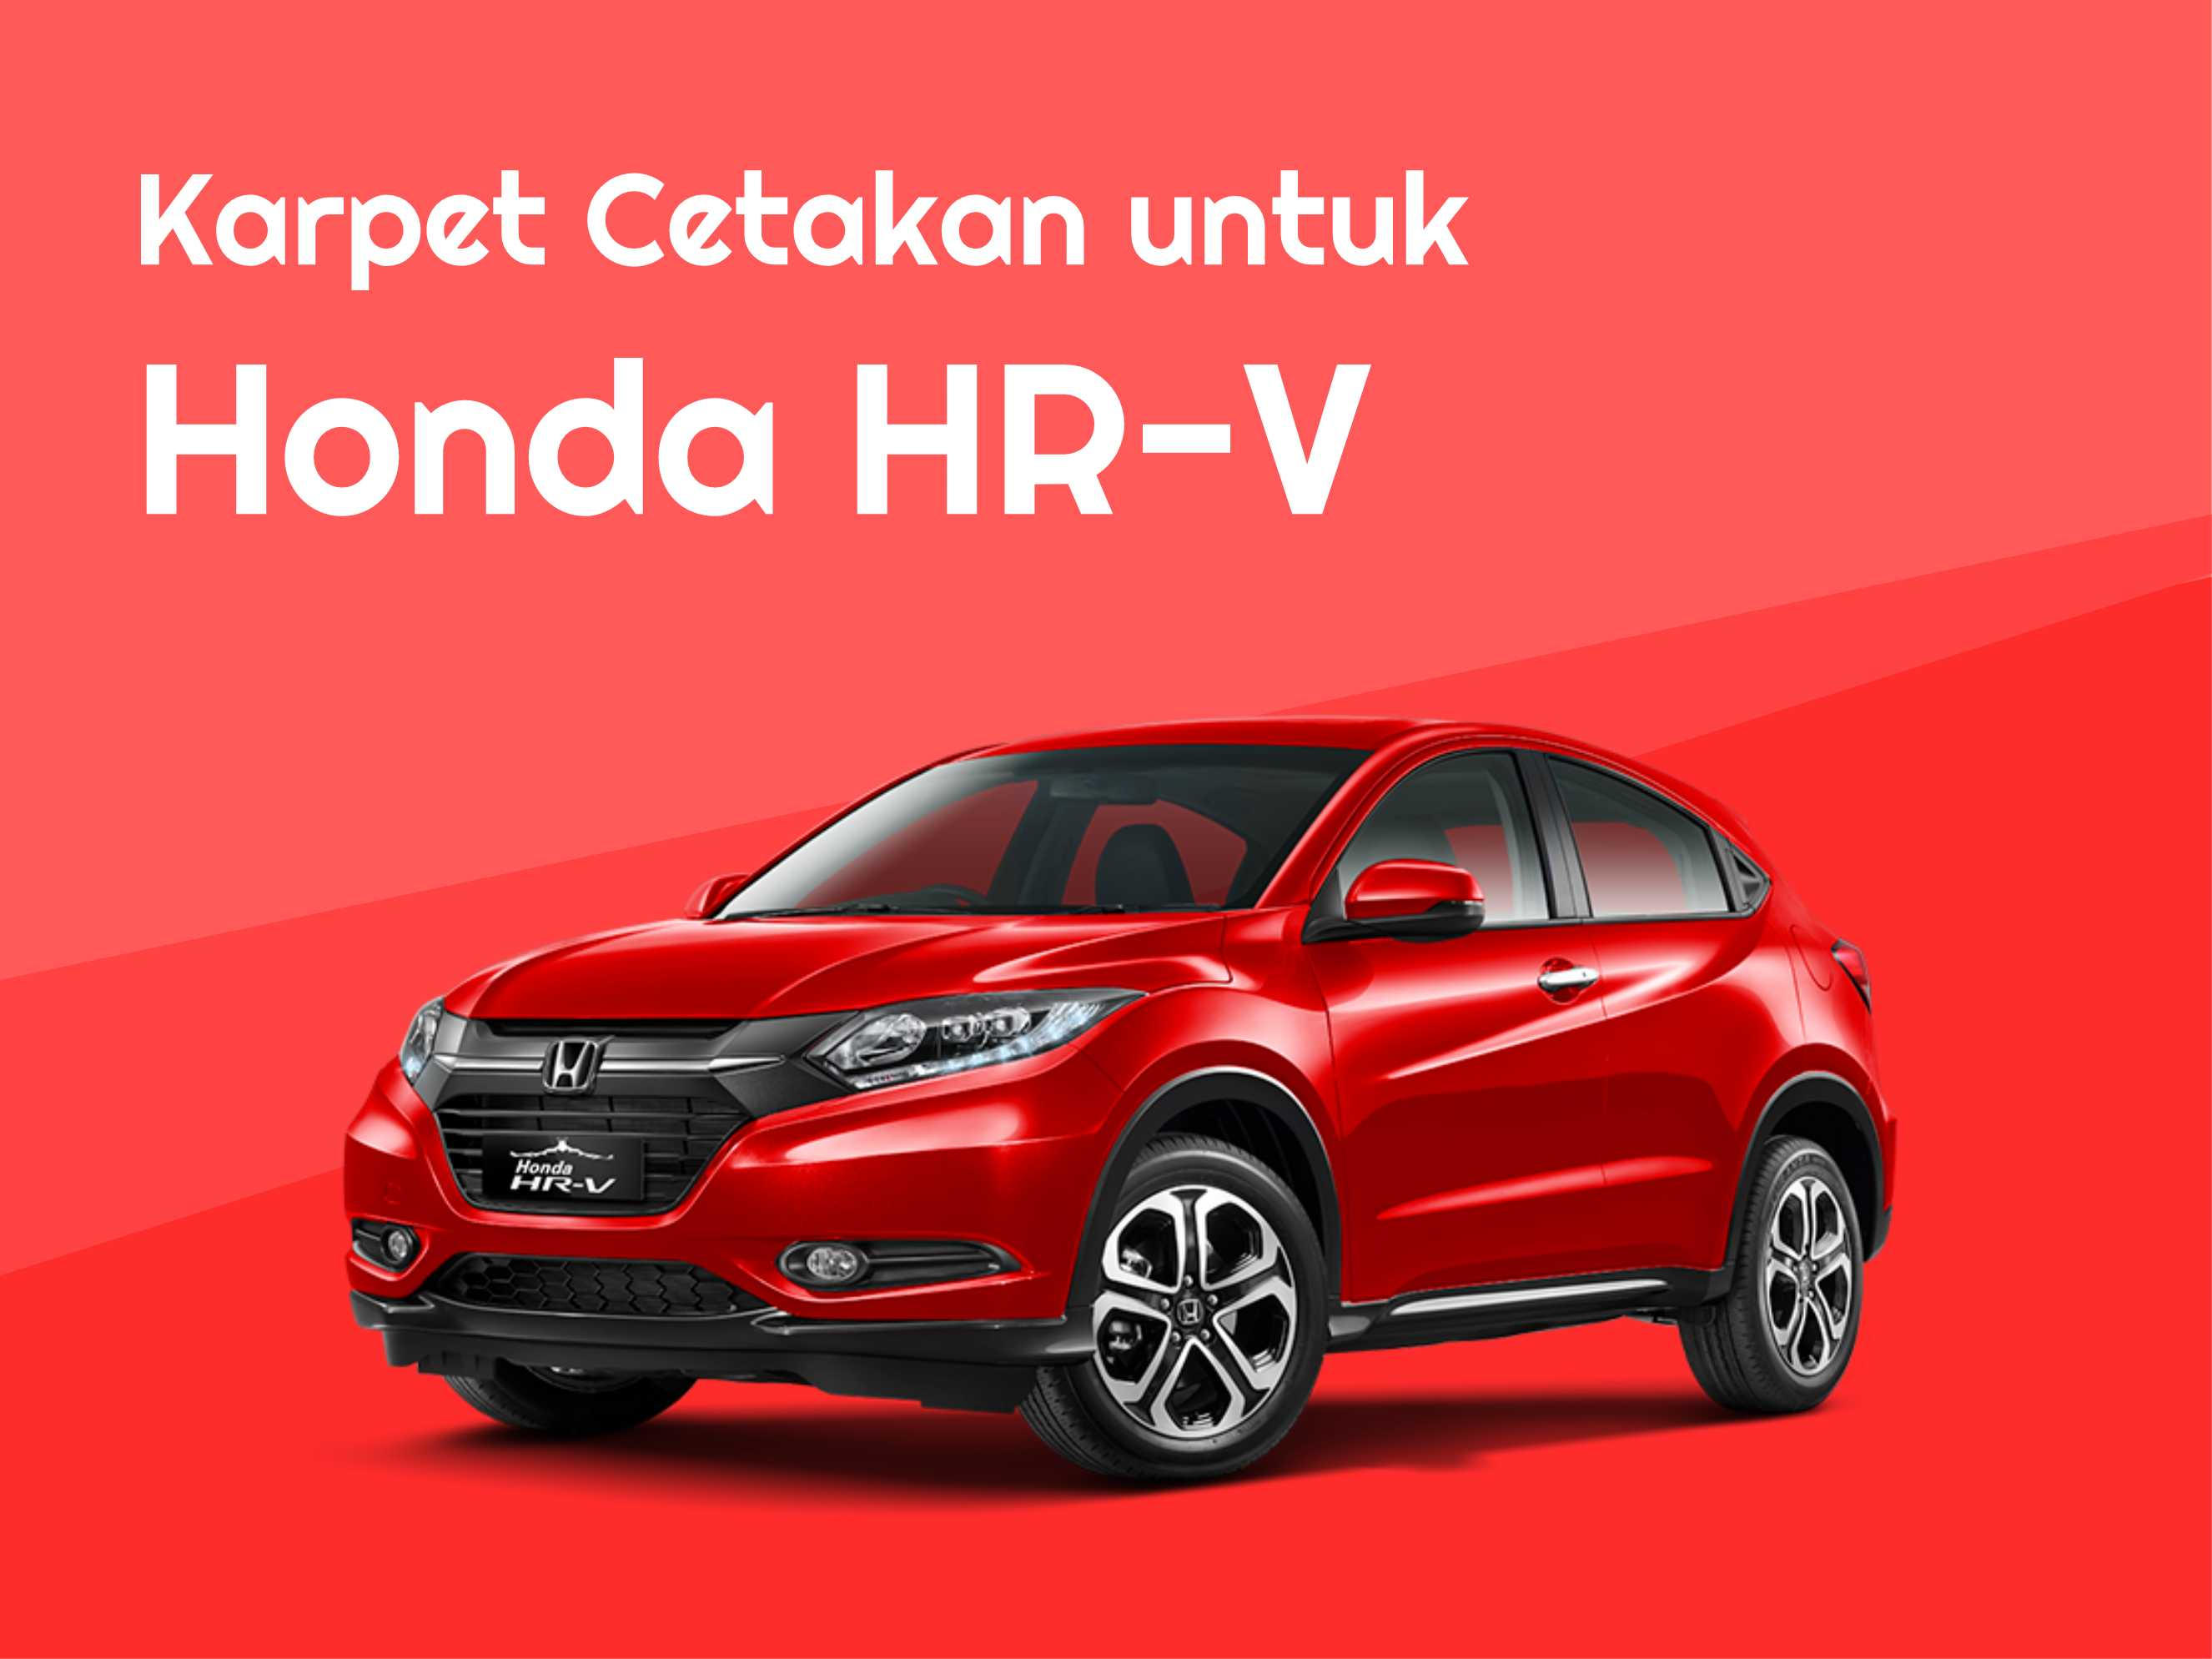 Karpet Cetakan Terbaik Untuk Honda HR-V